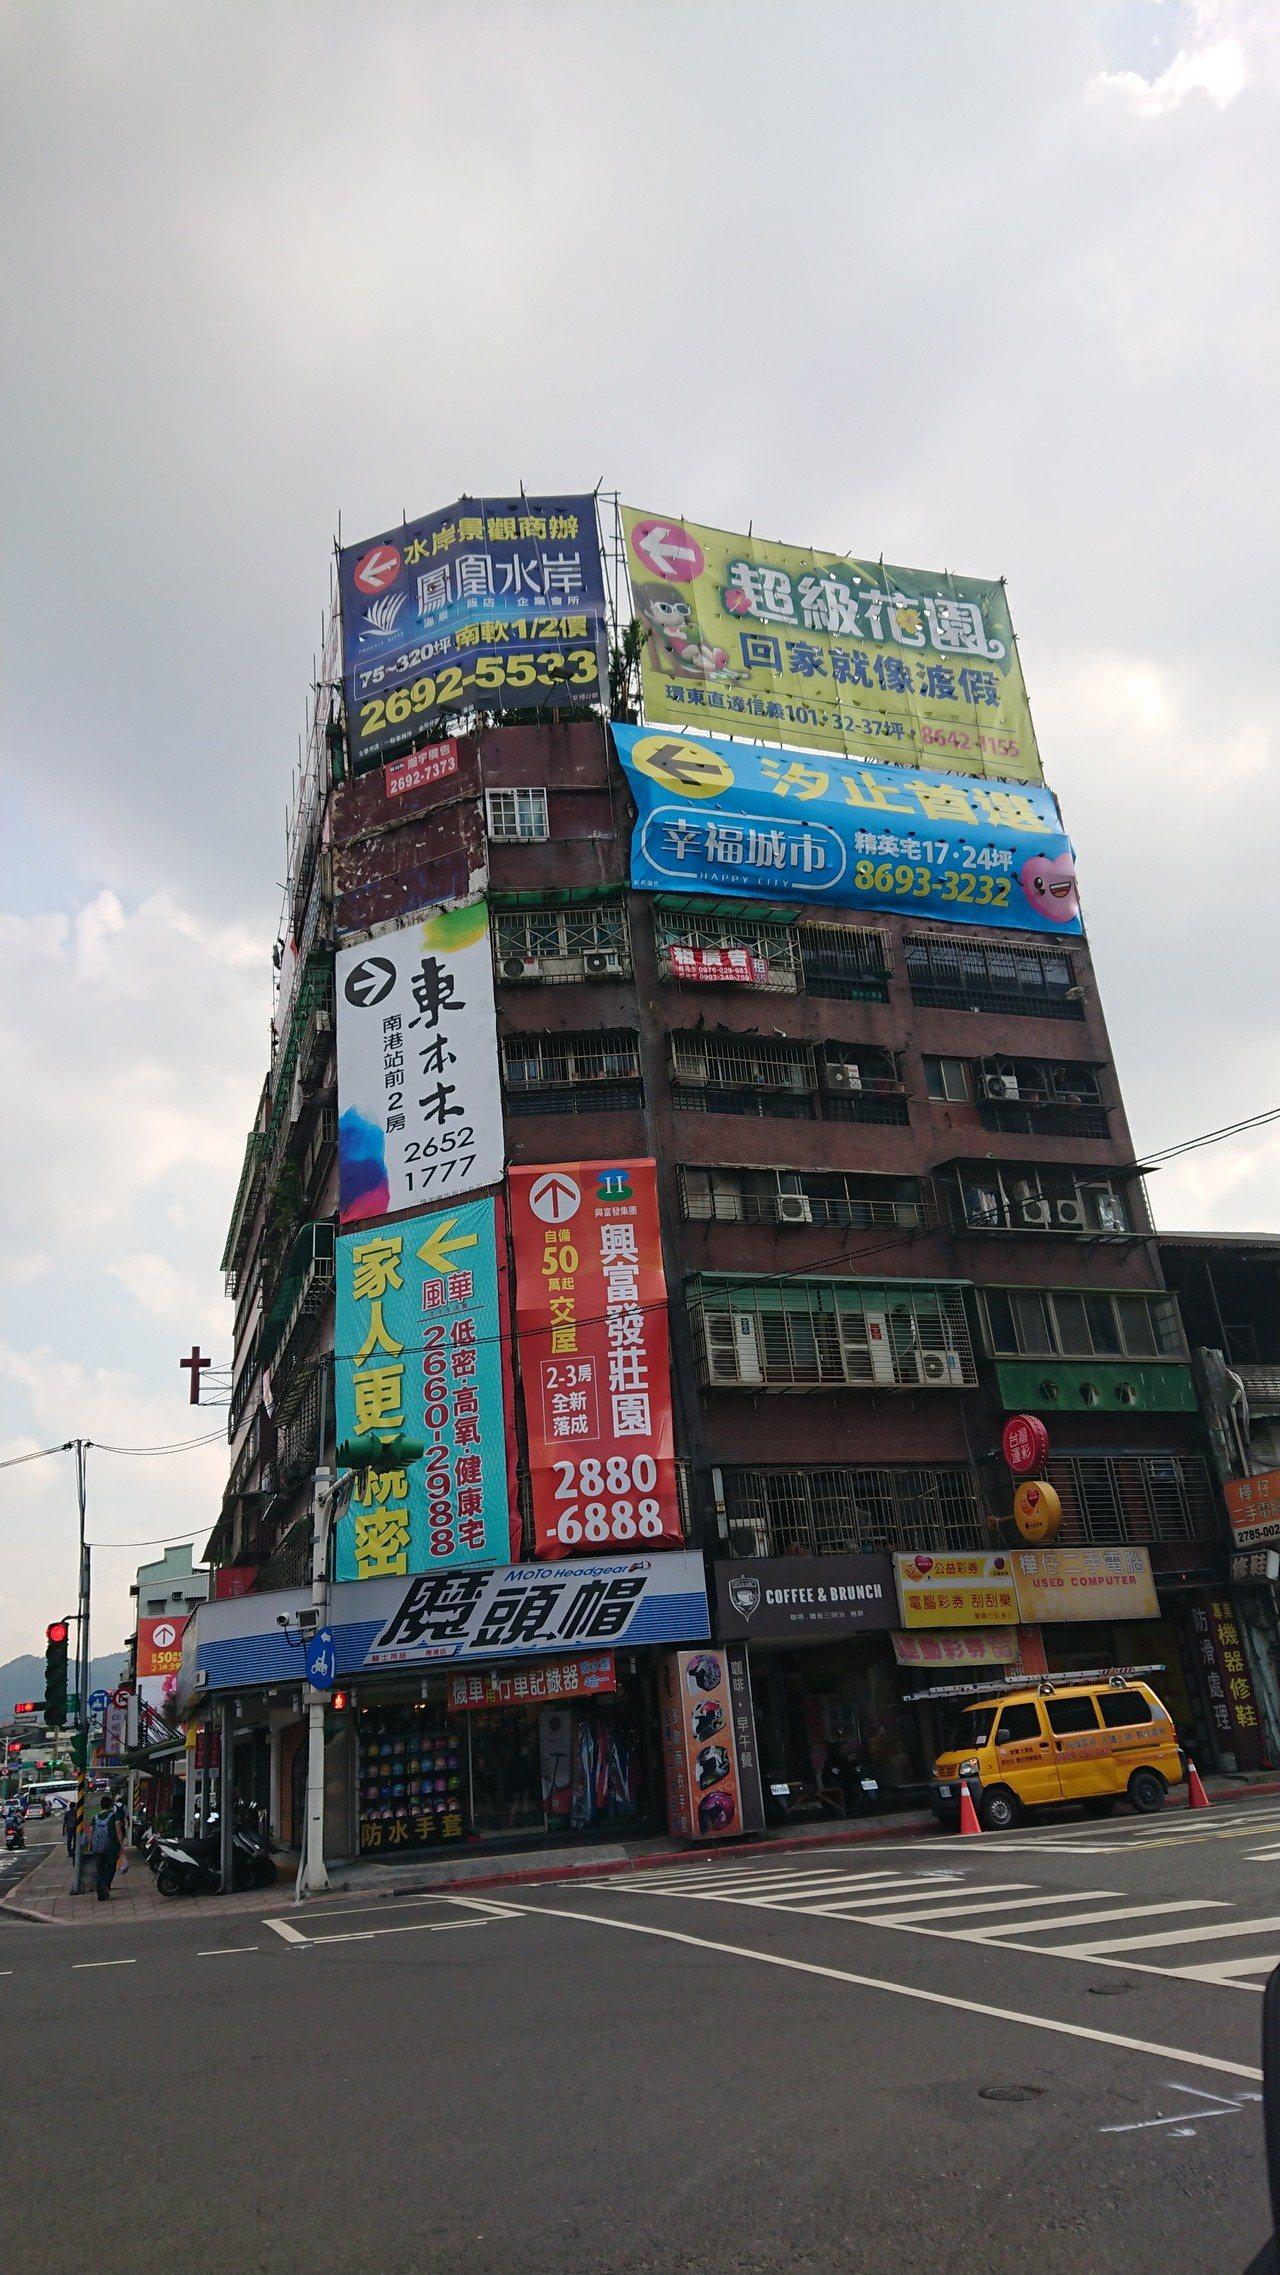 據住展雜誌統計,今年1到5月,北台灣新成屋、預售屋建案可售戶數累積至25,116...